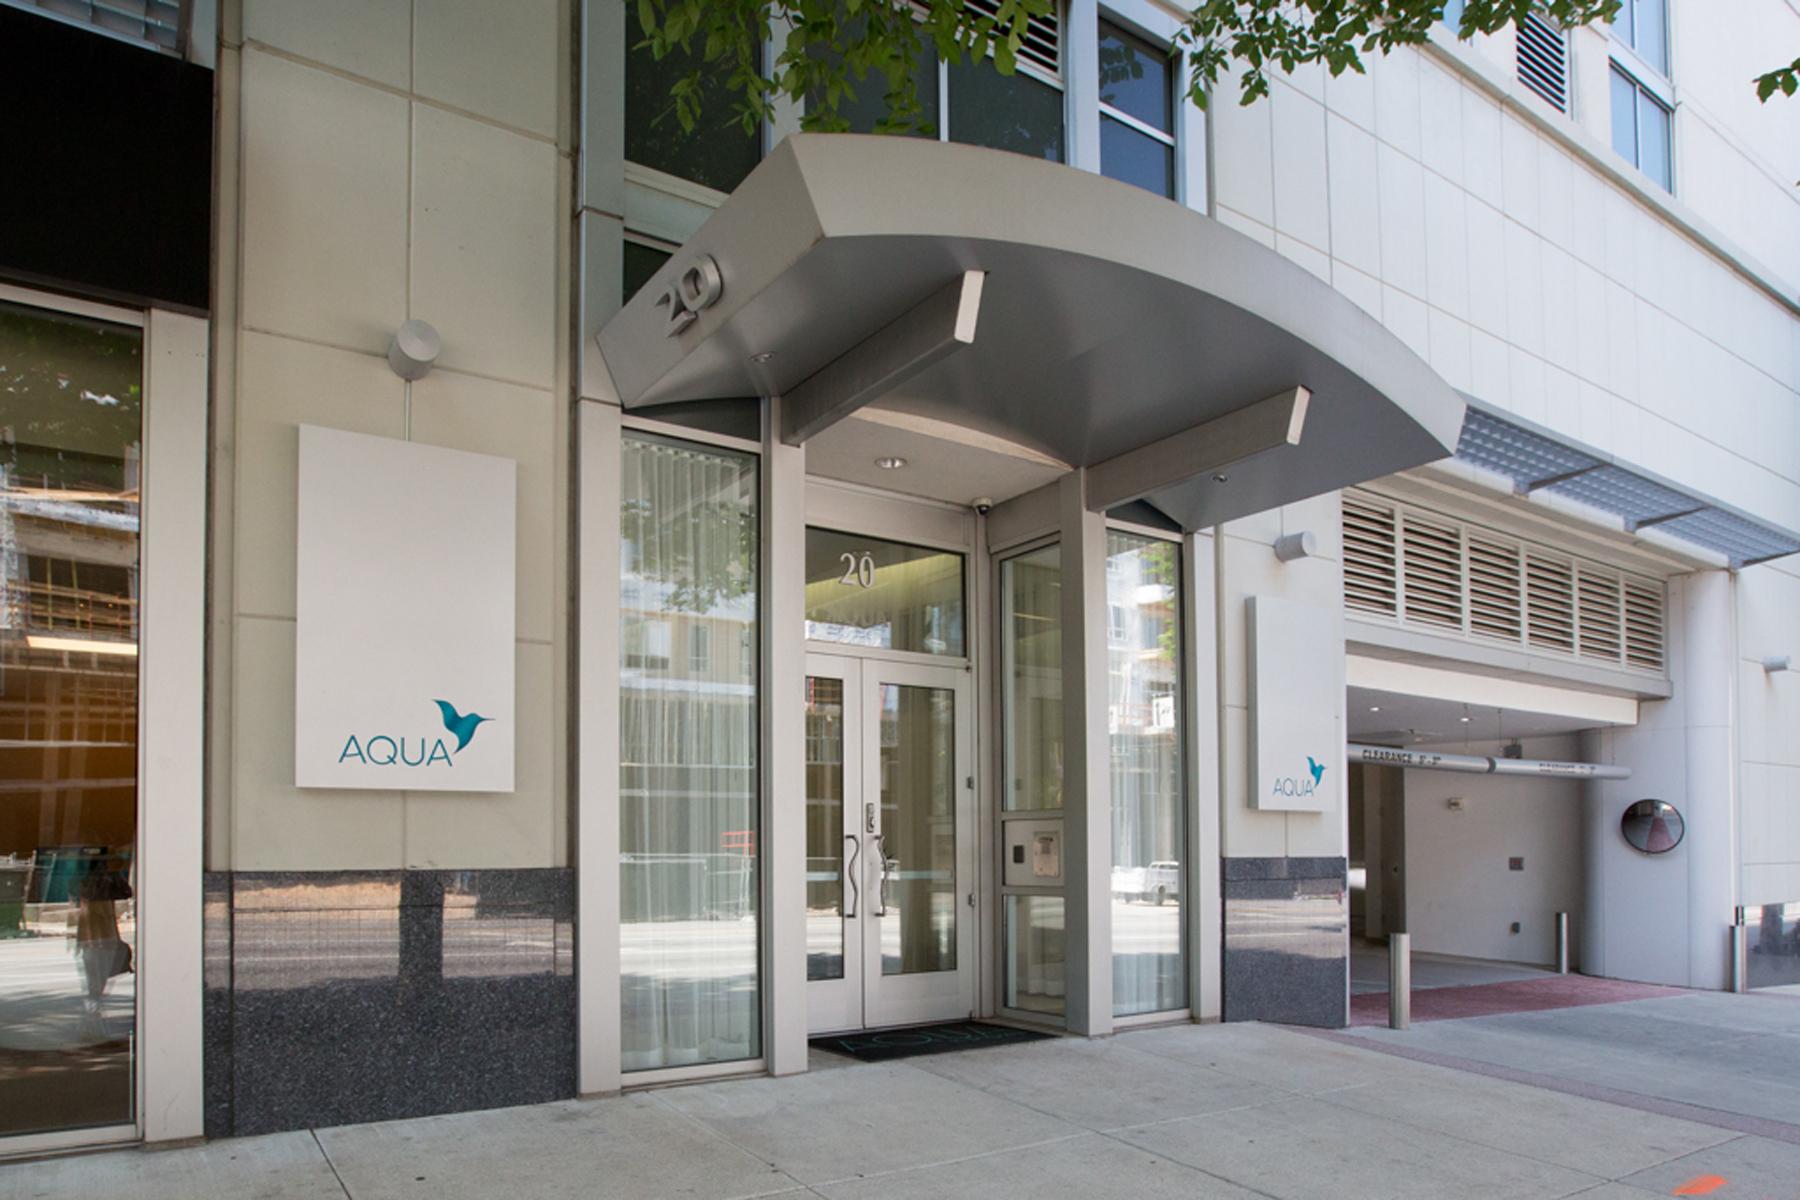 شقة بعمارة للـ Rent في Superb Midtown Building With Private Elevator Access To Your Home 20 10th Street NW Unit 1005, Atlanta, Georgia, 30309 United States